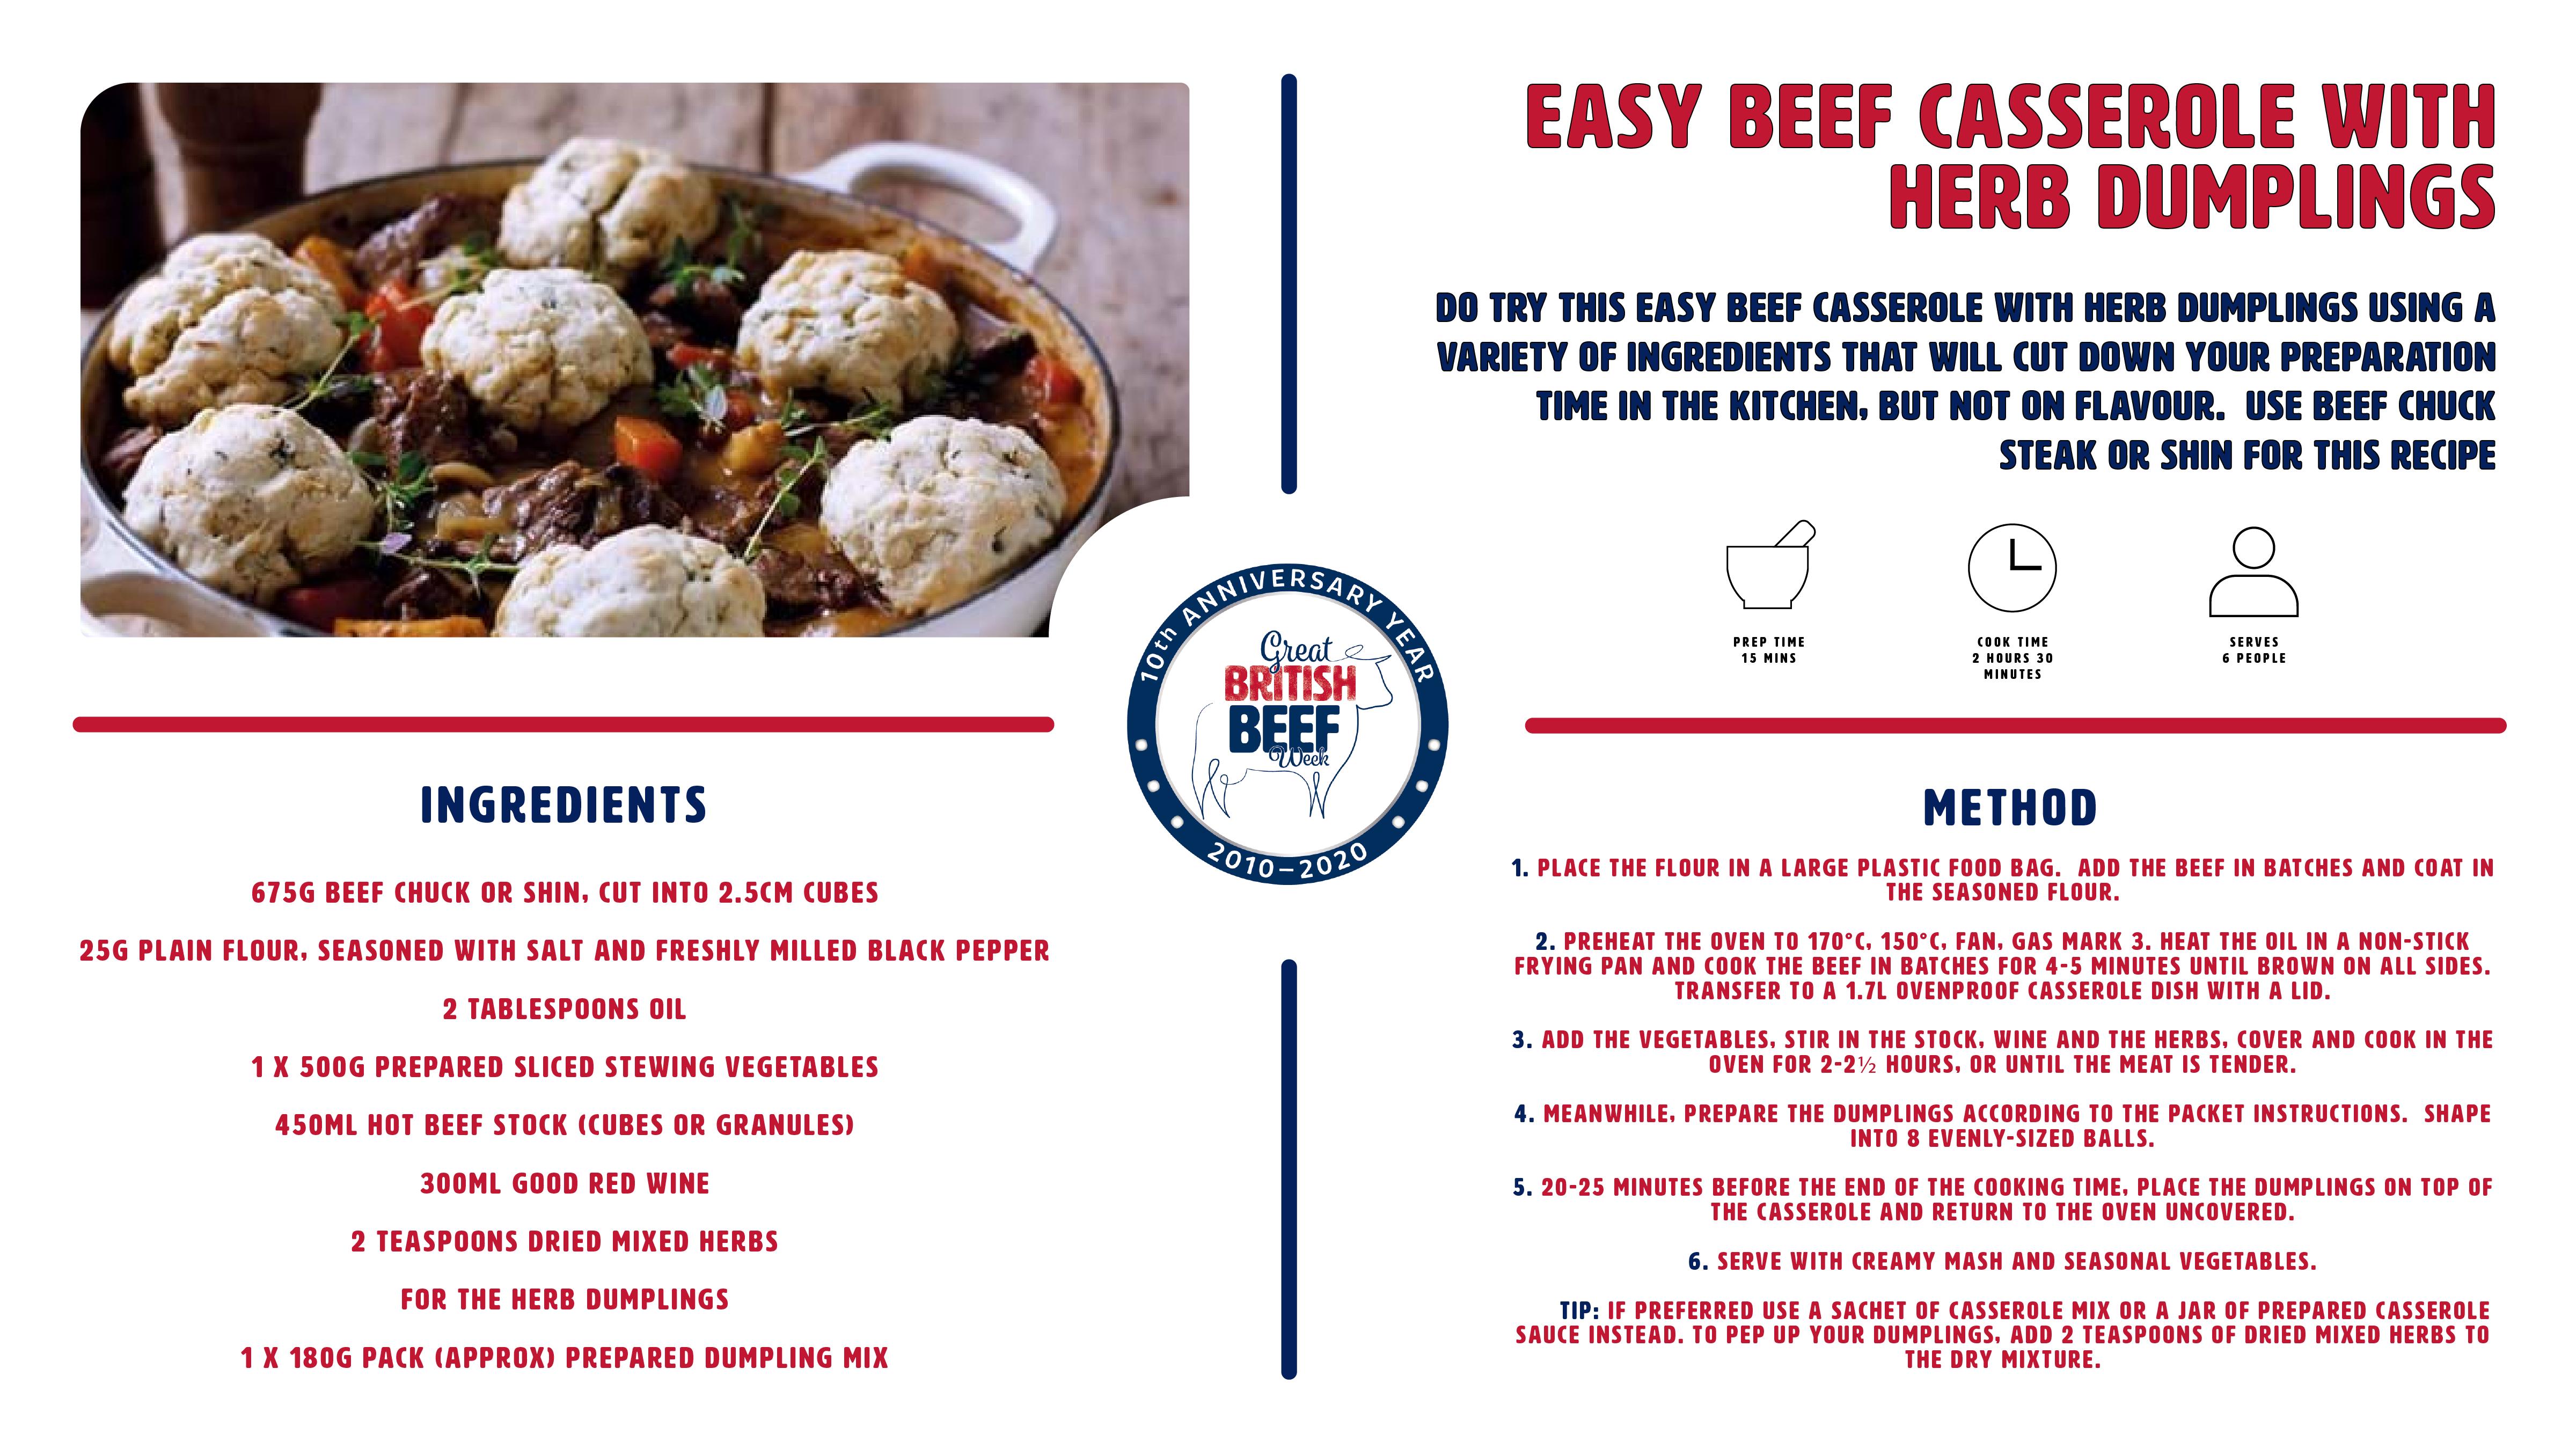 GBBW2020 Easy Beef Casserole with Herb Dumplings recipe card